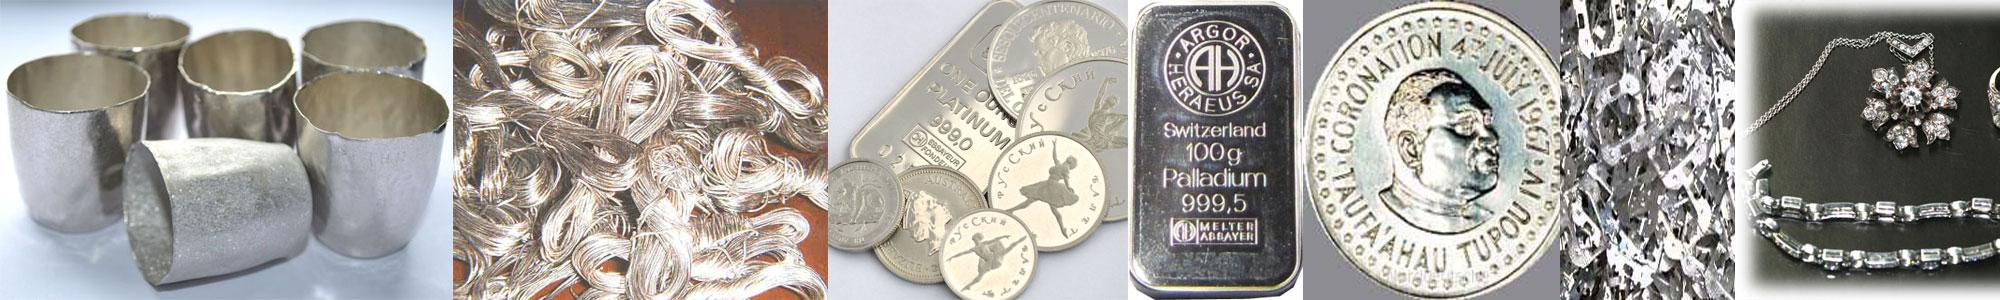 Platin-Palladium-Silber-verkaufen